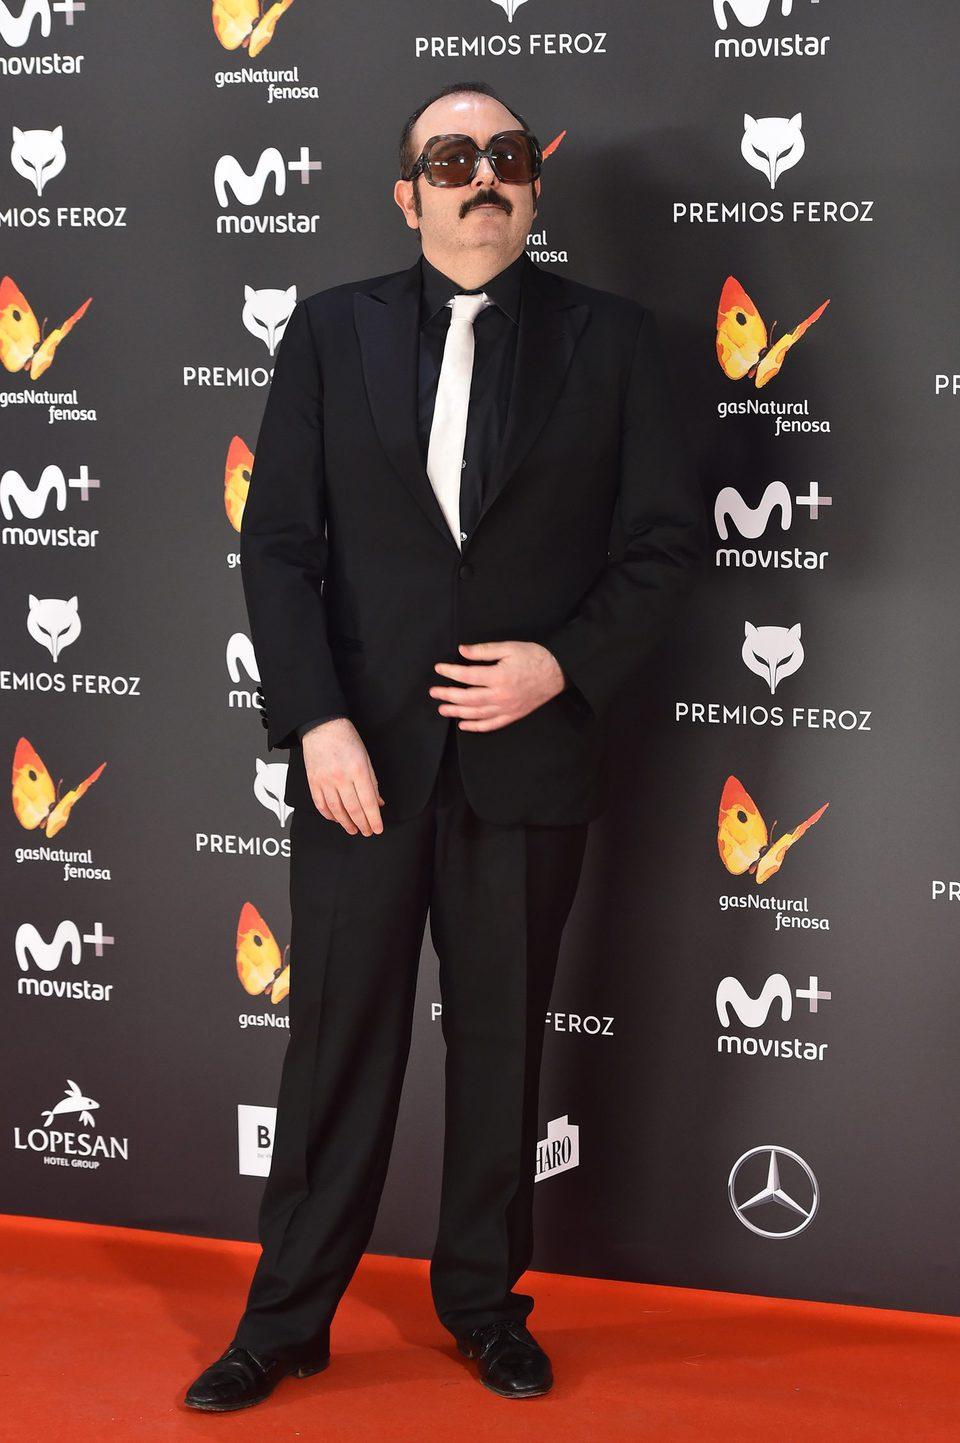 Carlos Areces en la alfombra roja de los Premios Feroz 2017